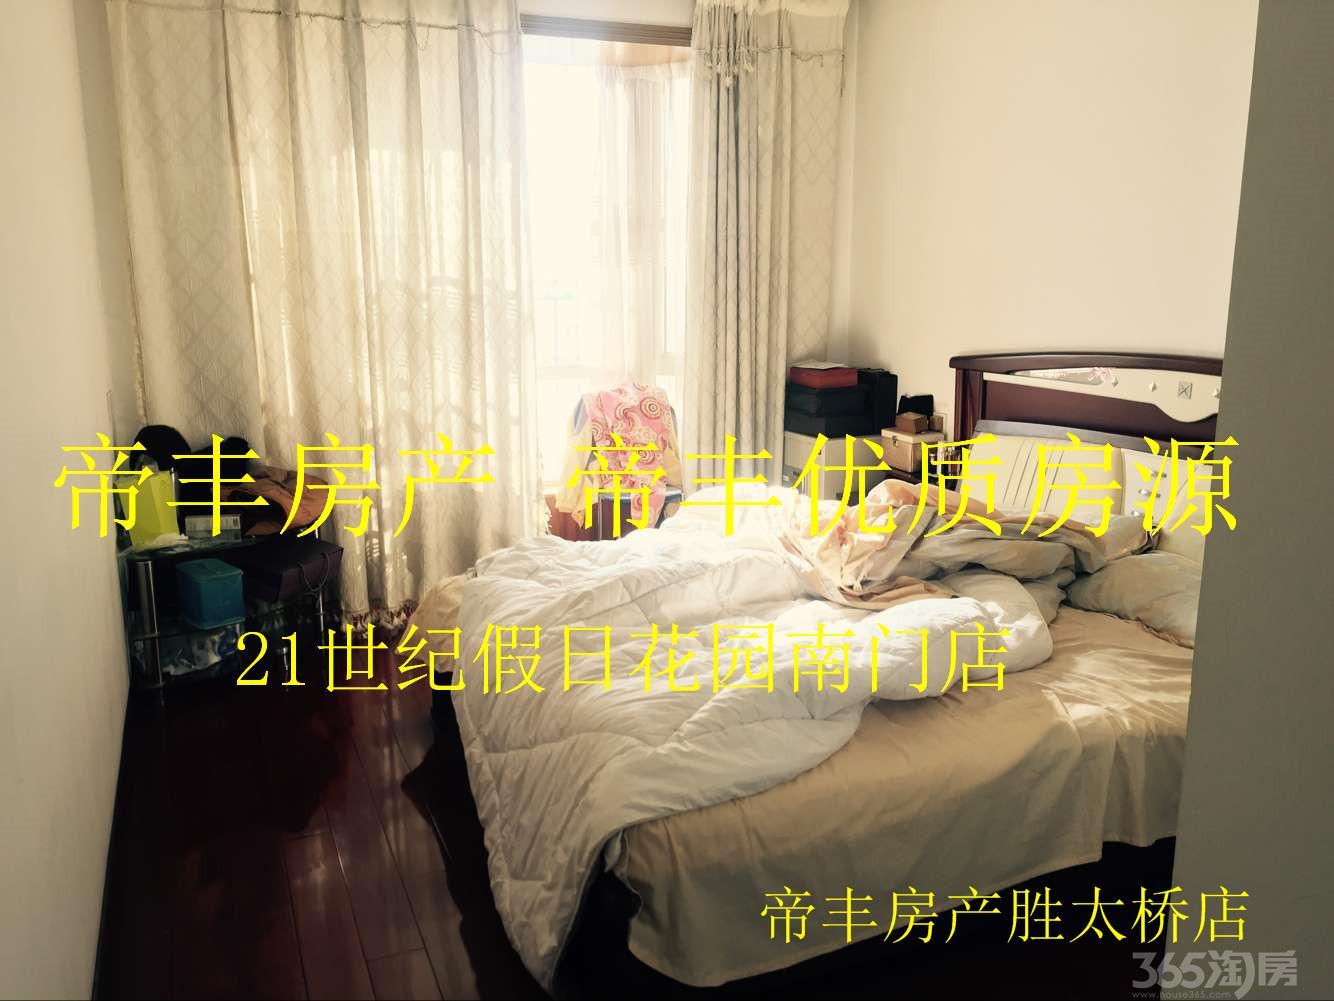 【新年特惠新说v新说地铁口四房实小本部头型中国学区唱李佳隆店长图片